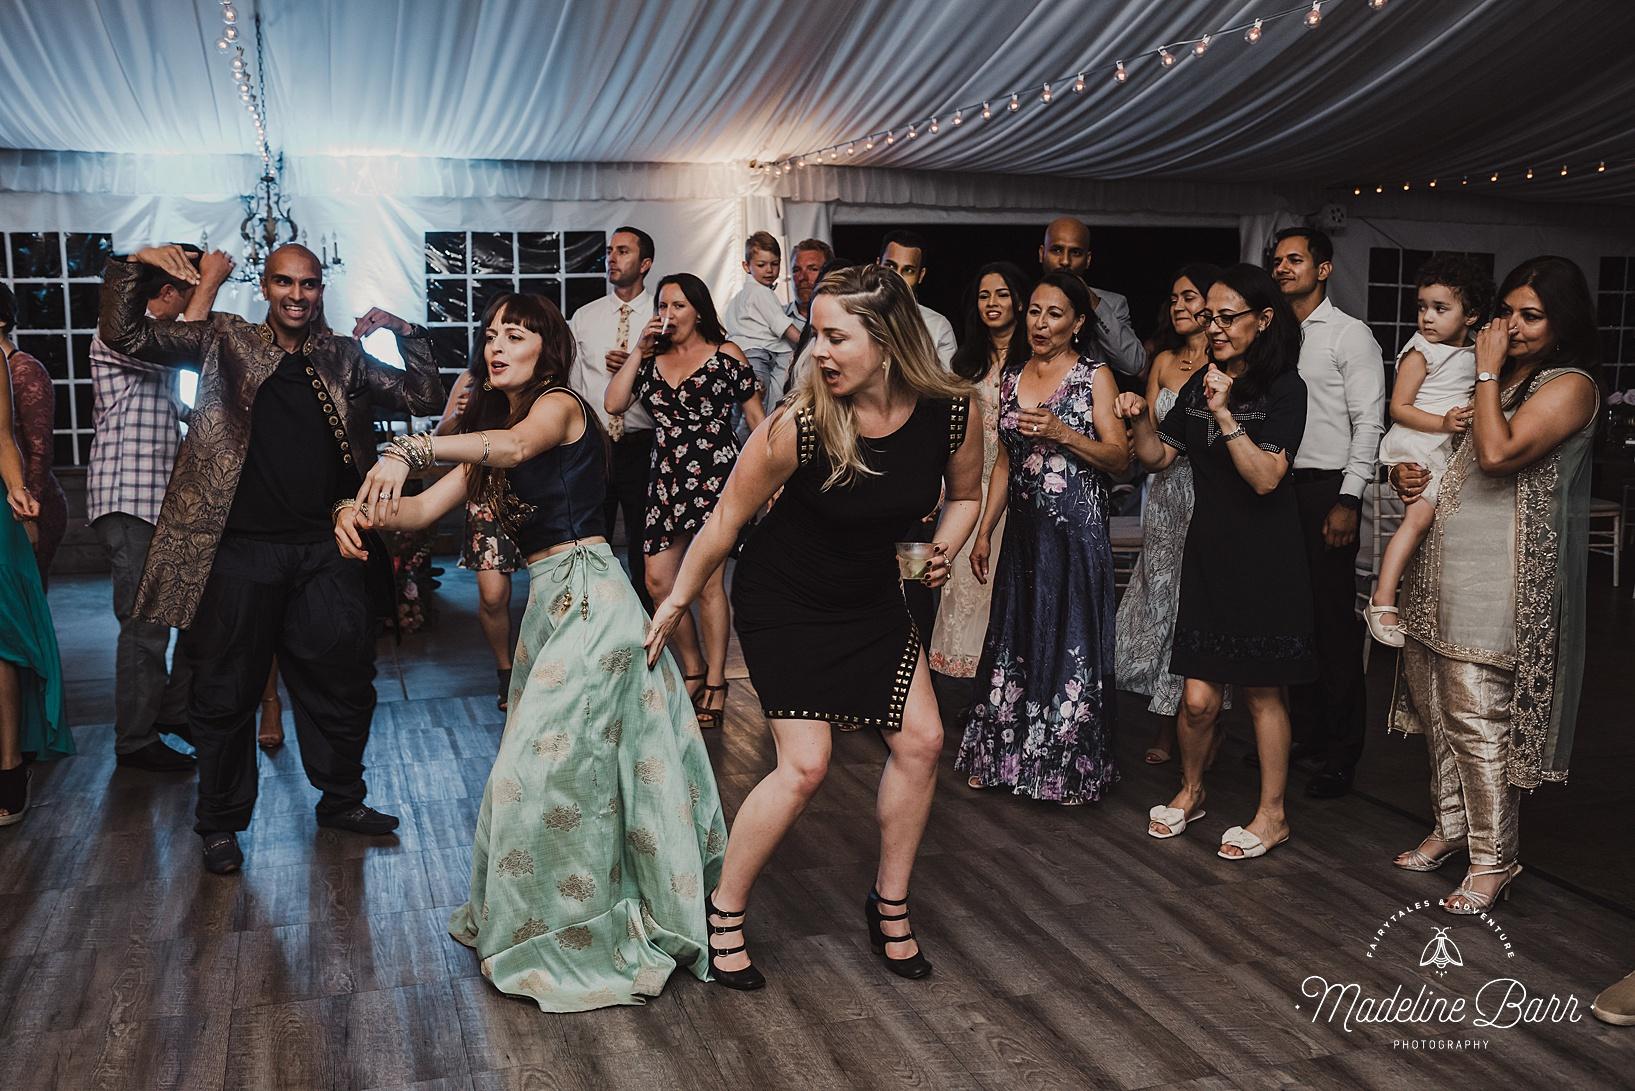 SanDiego_Multicultural_Elopement_Wedding0061.jpg